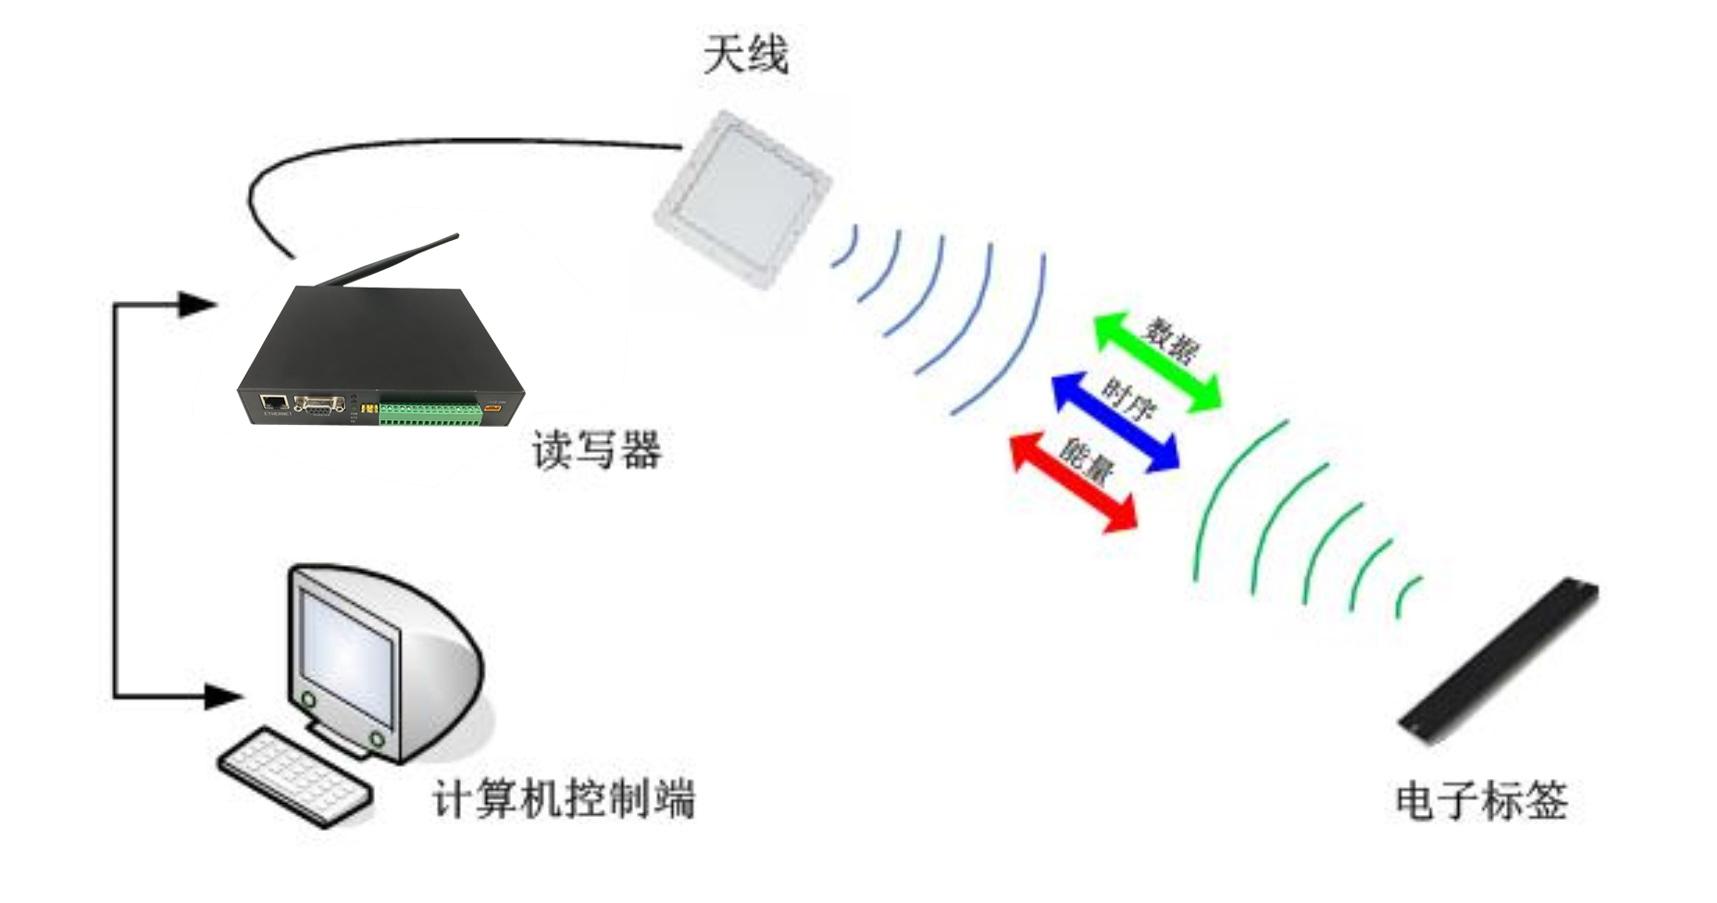 RFID飞机维修工具管理 工作原理图